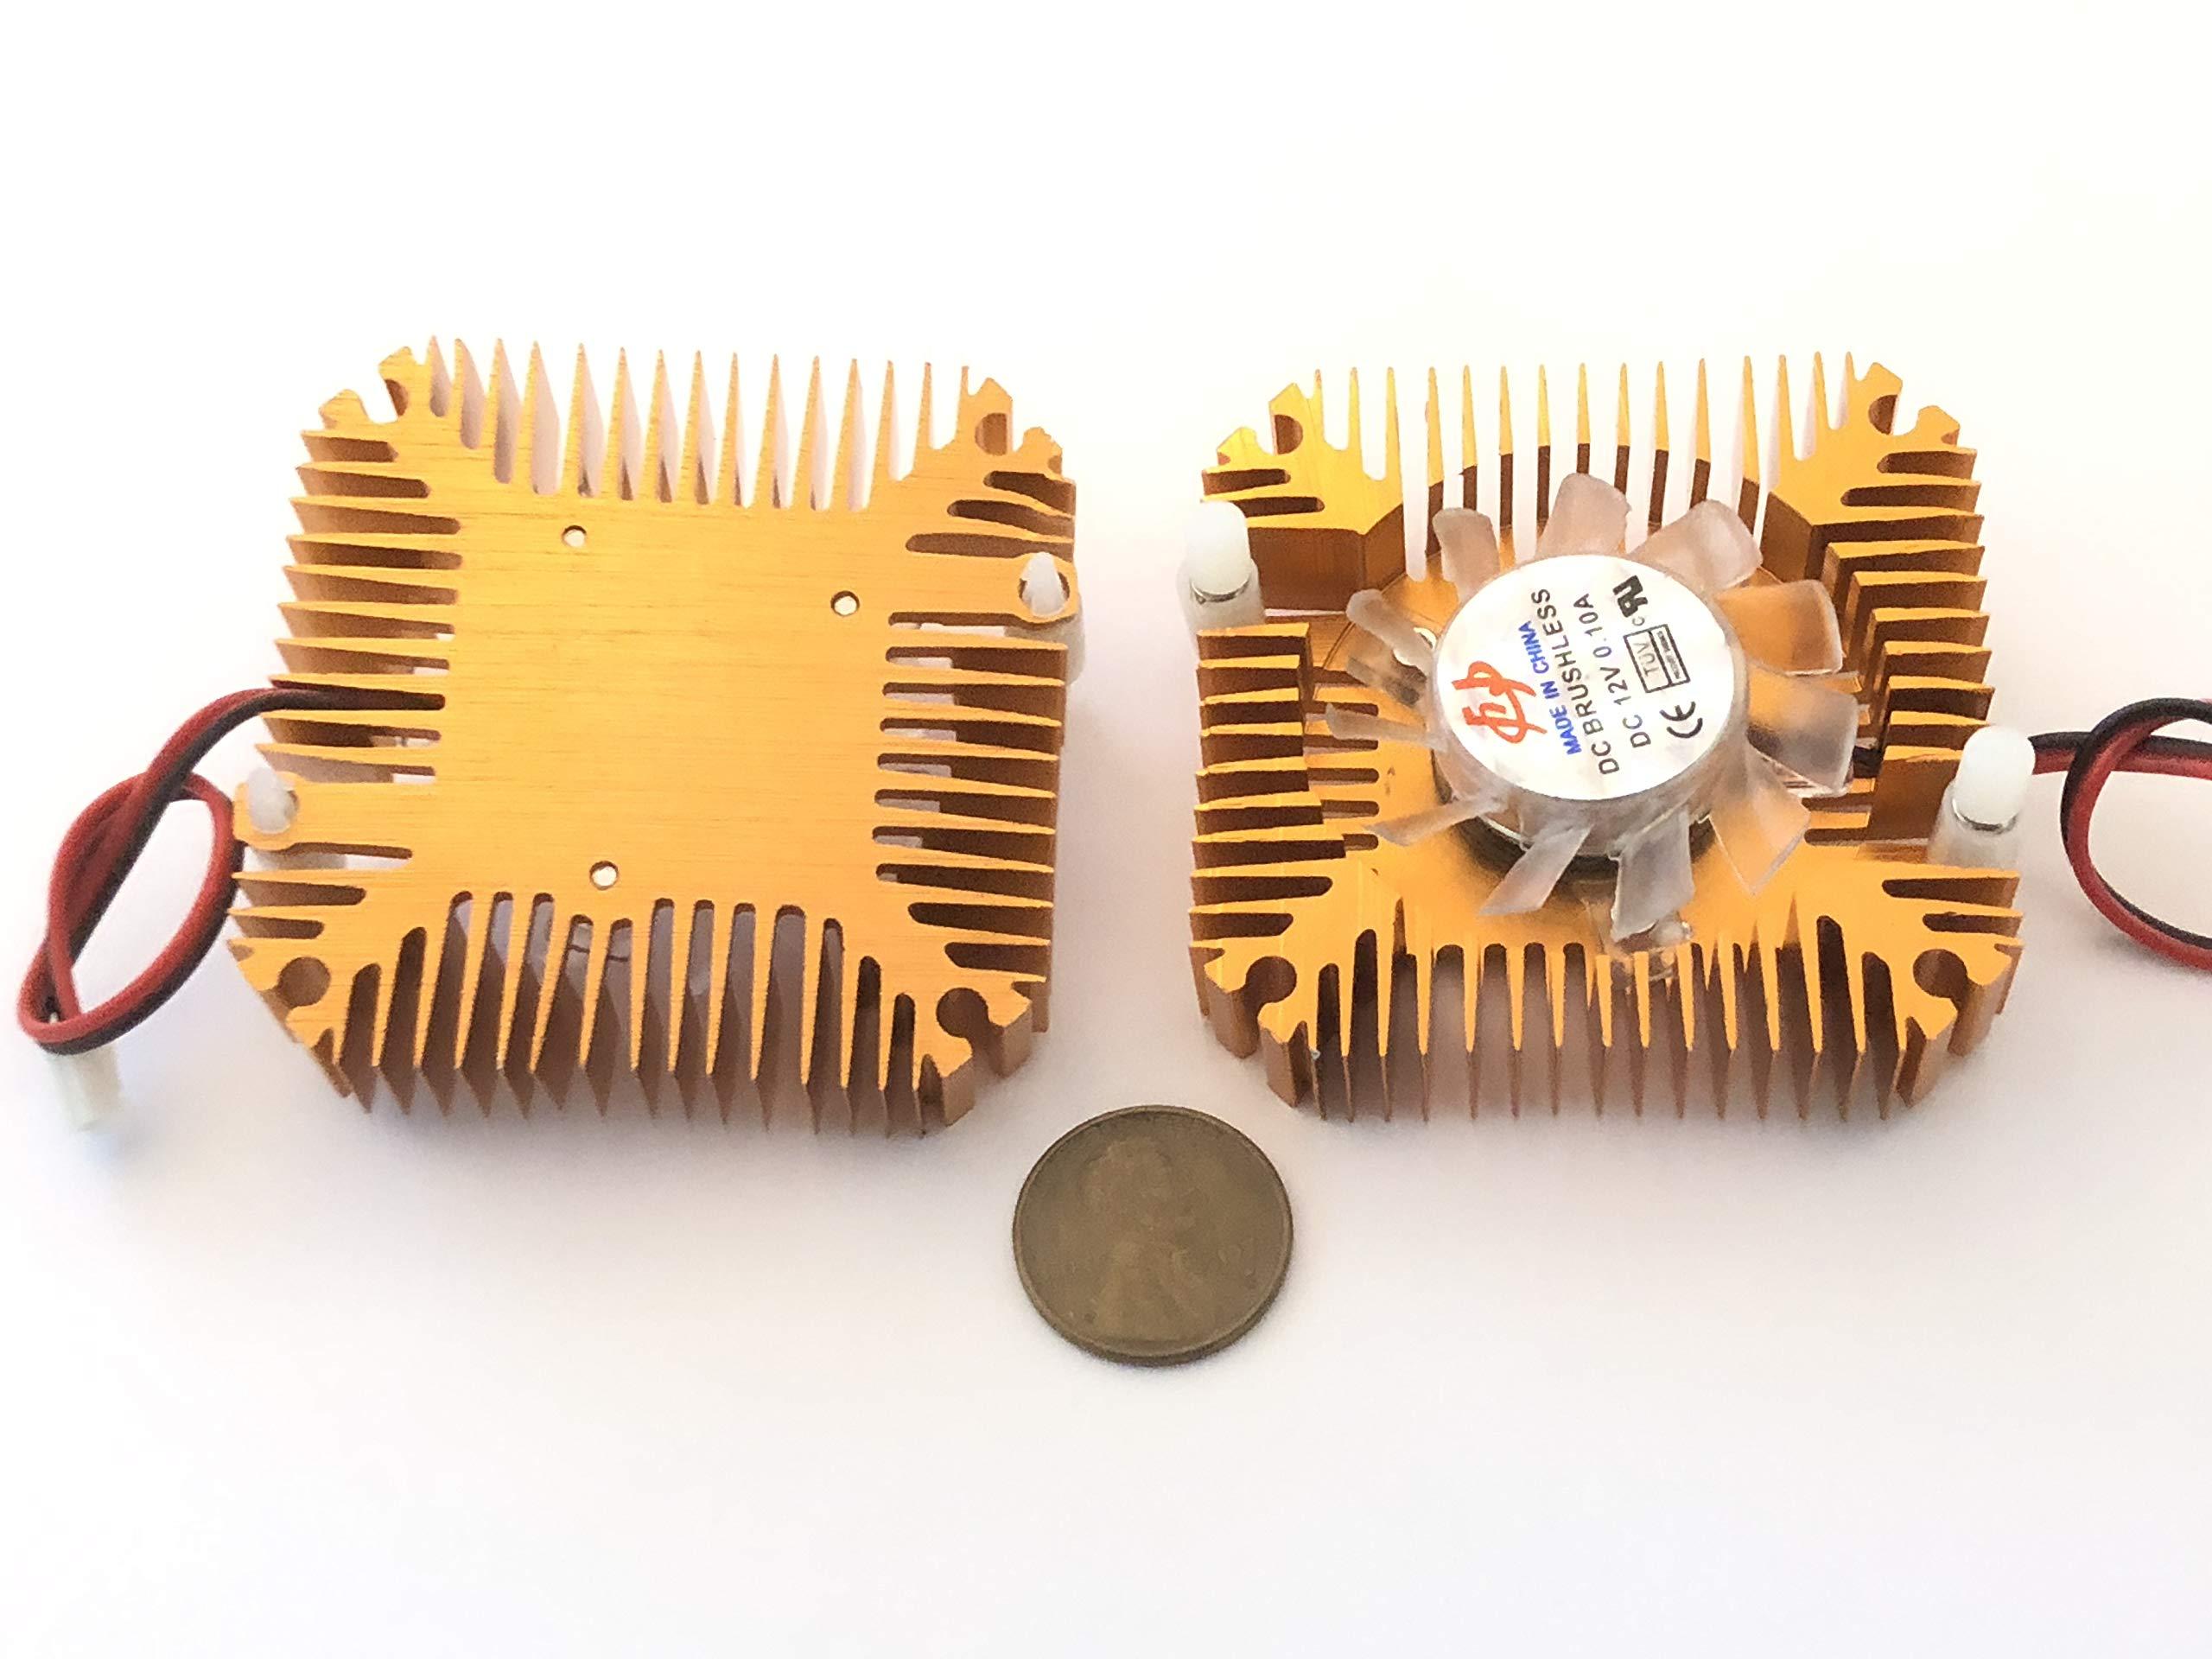 2 Pieces copper 12v 55mm 2PIN Aluminum Cooling Fan Heatsink Cooler VGA CPU A8